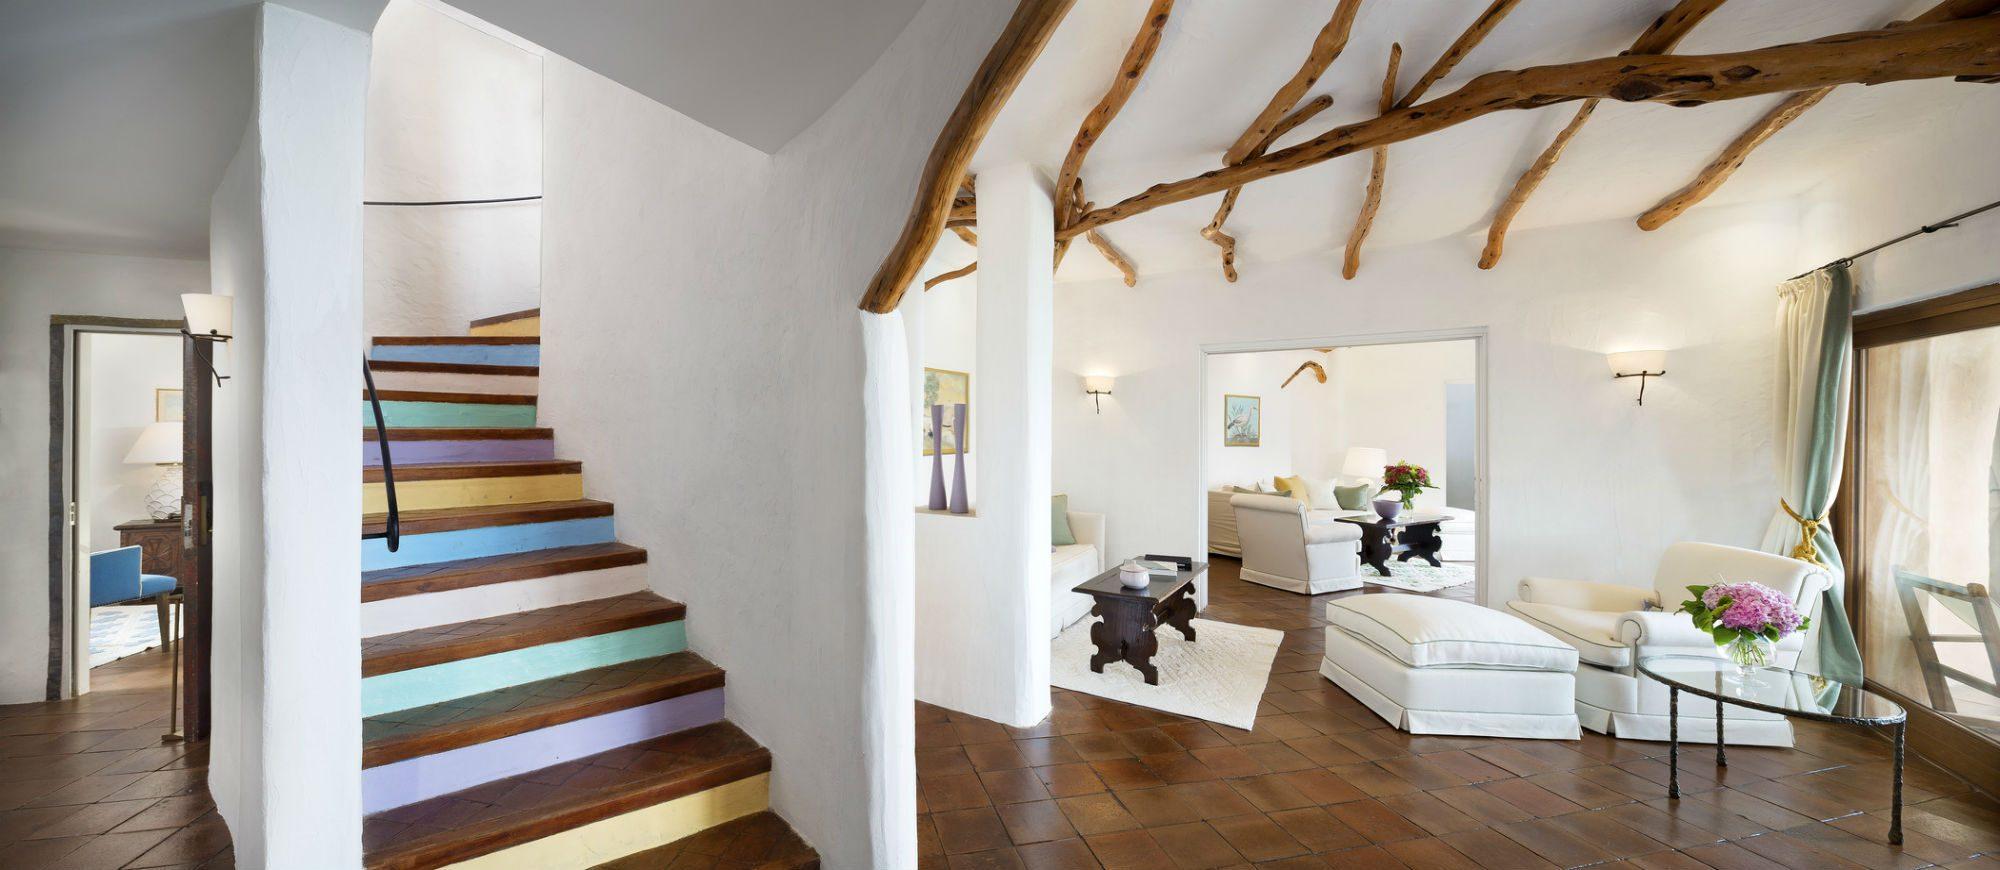 pent-main4-lux59gr-155340-penthouse-suite-living-room